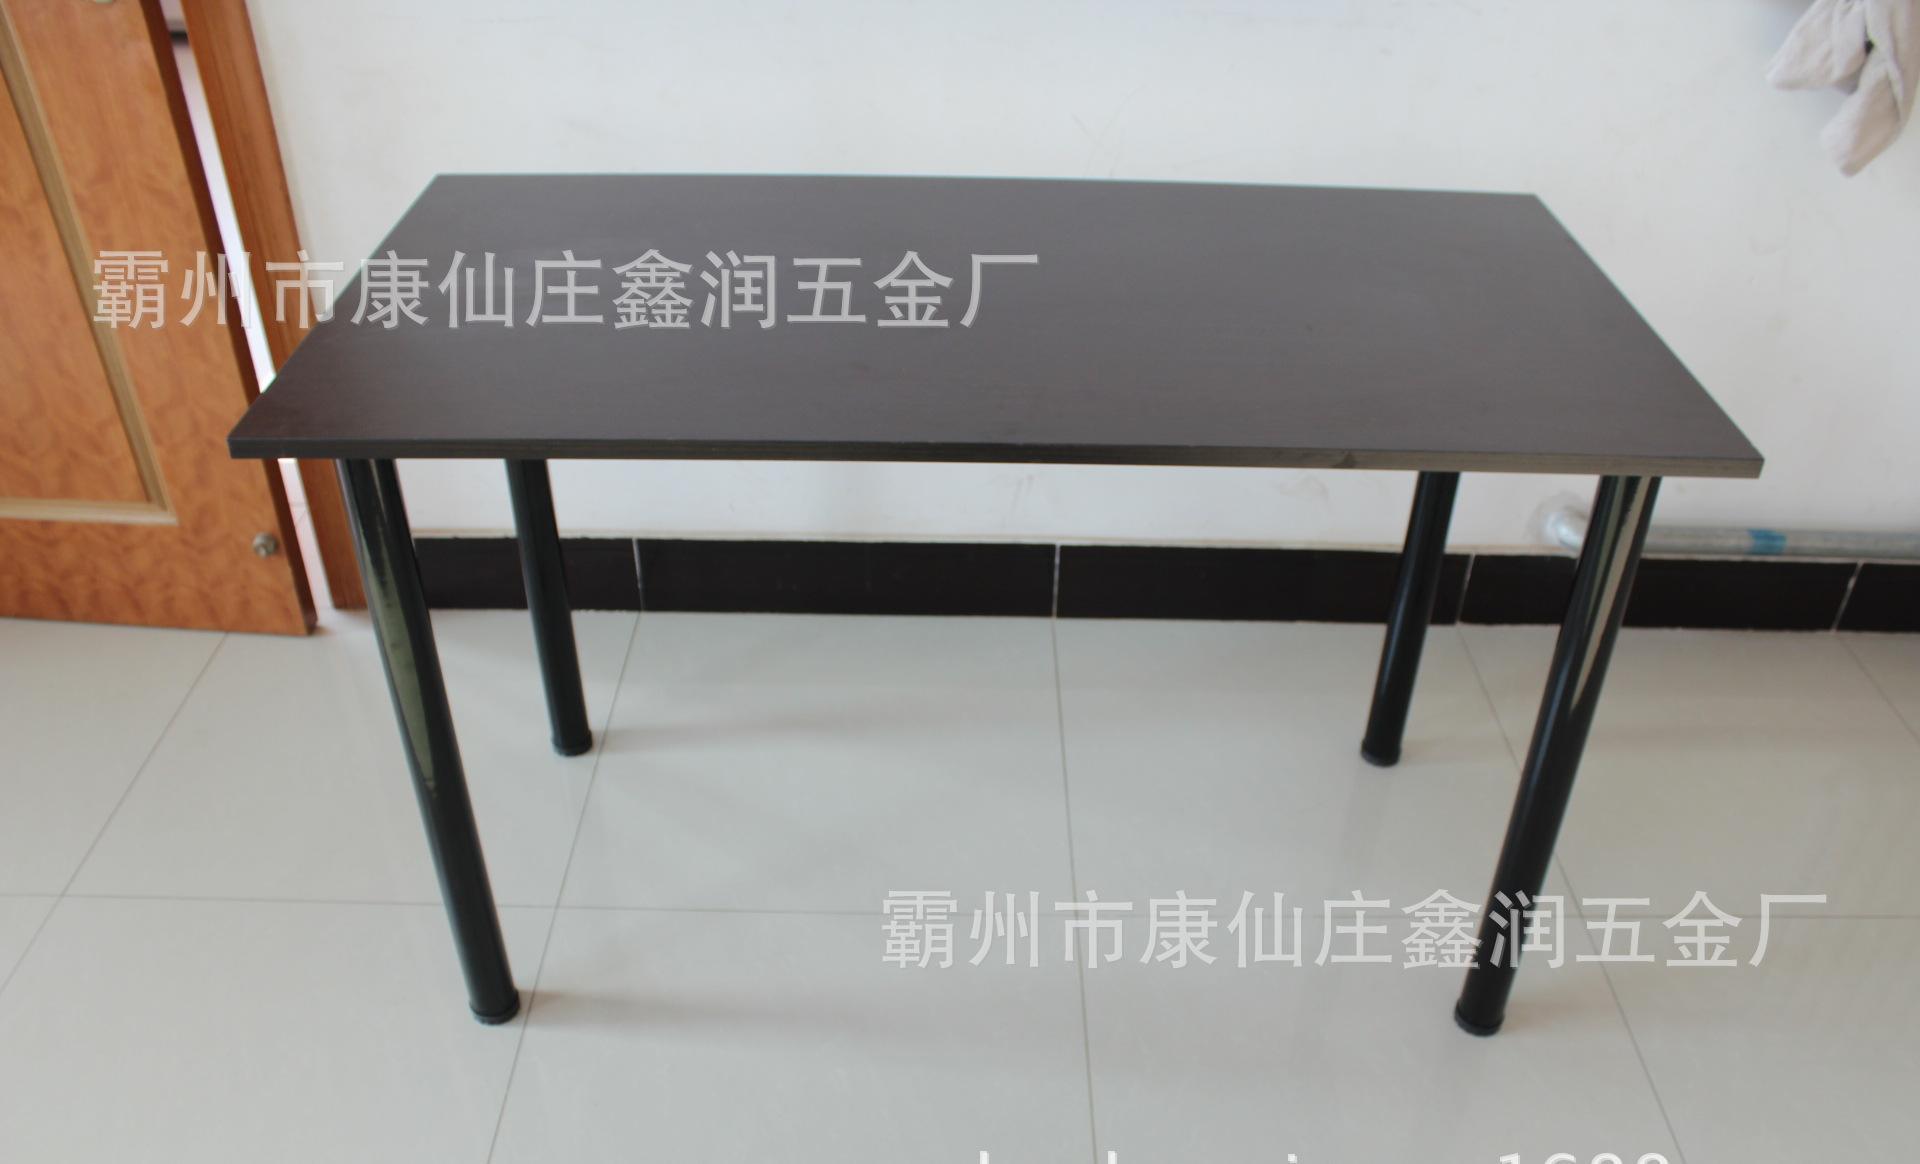 餐饮家具配件钢材桌腿 圆柱形桌脚咖啡桌台脚